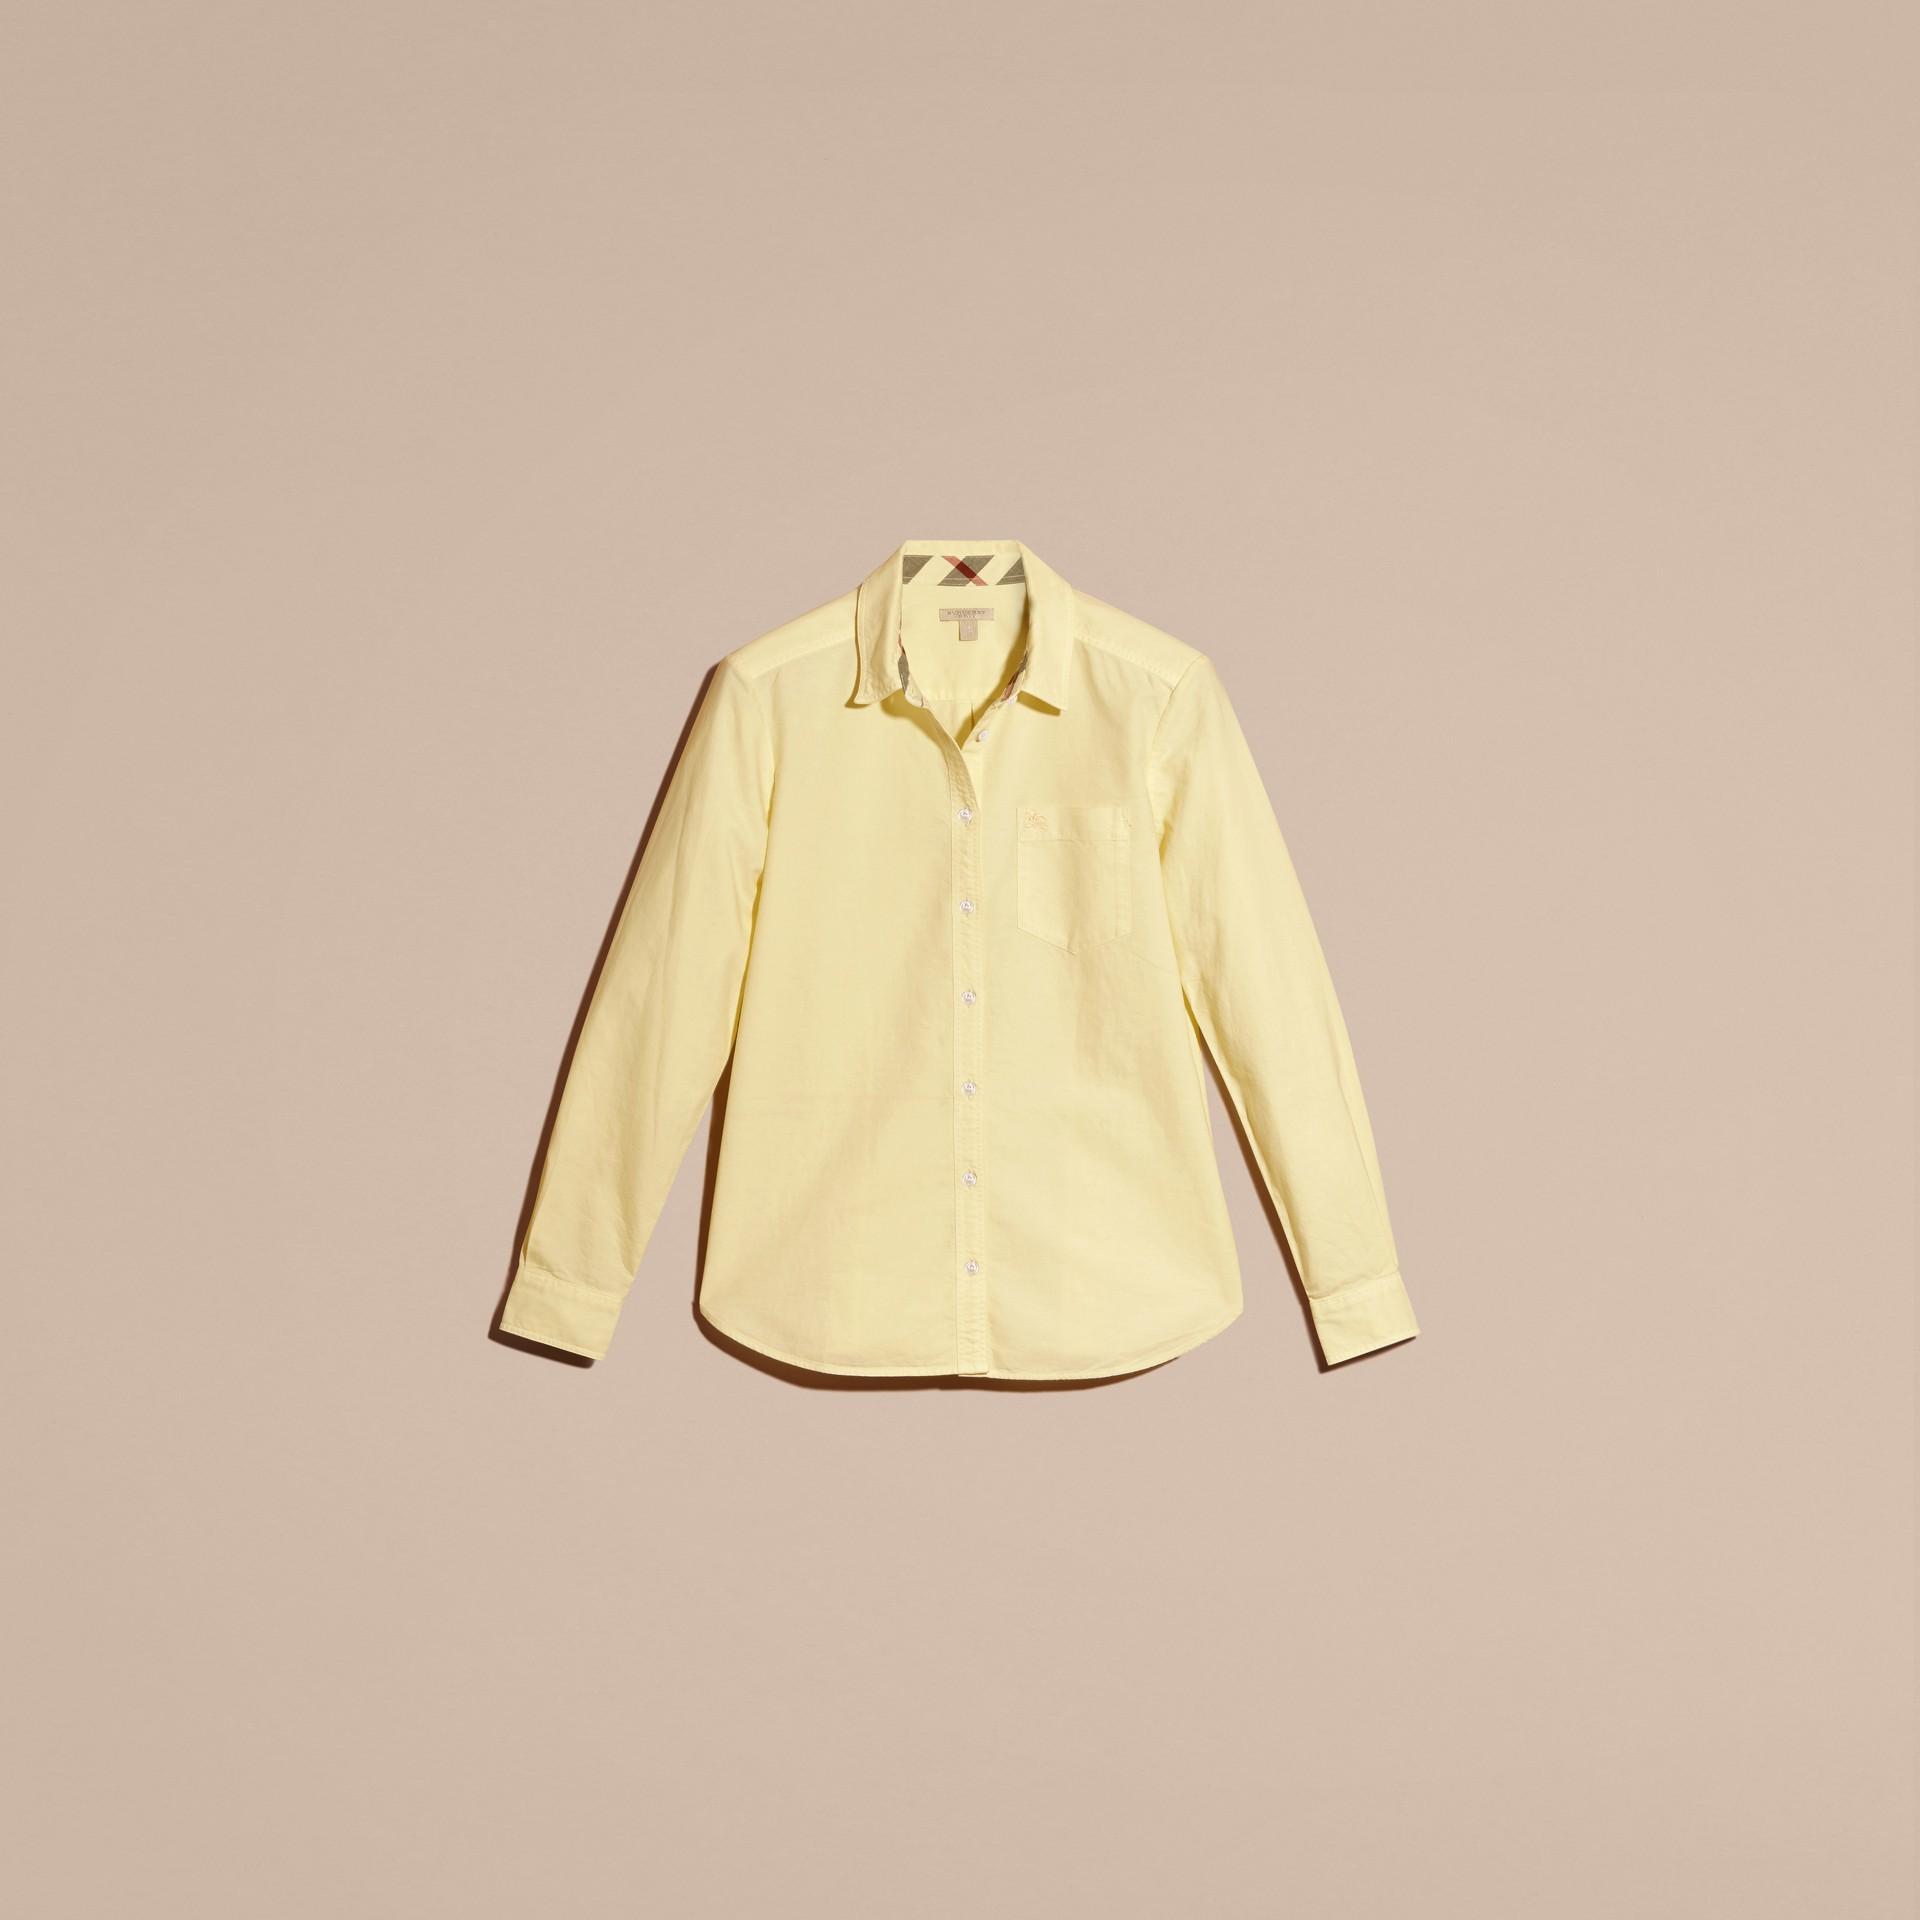 Hellgelb Bluse aus Baumwolle mit Check-Detail Hellgelb - Galerie-Bild 3